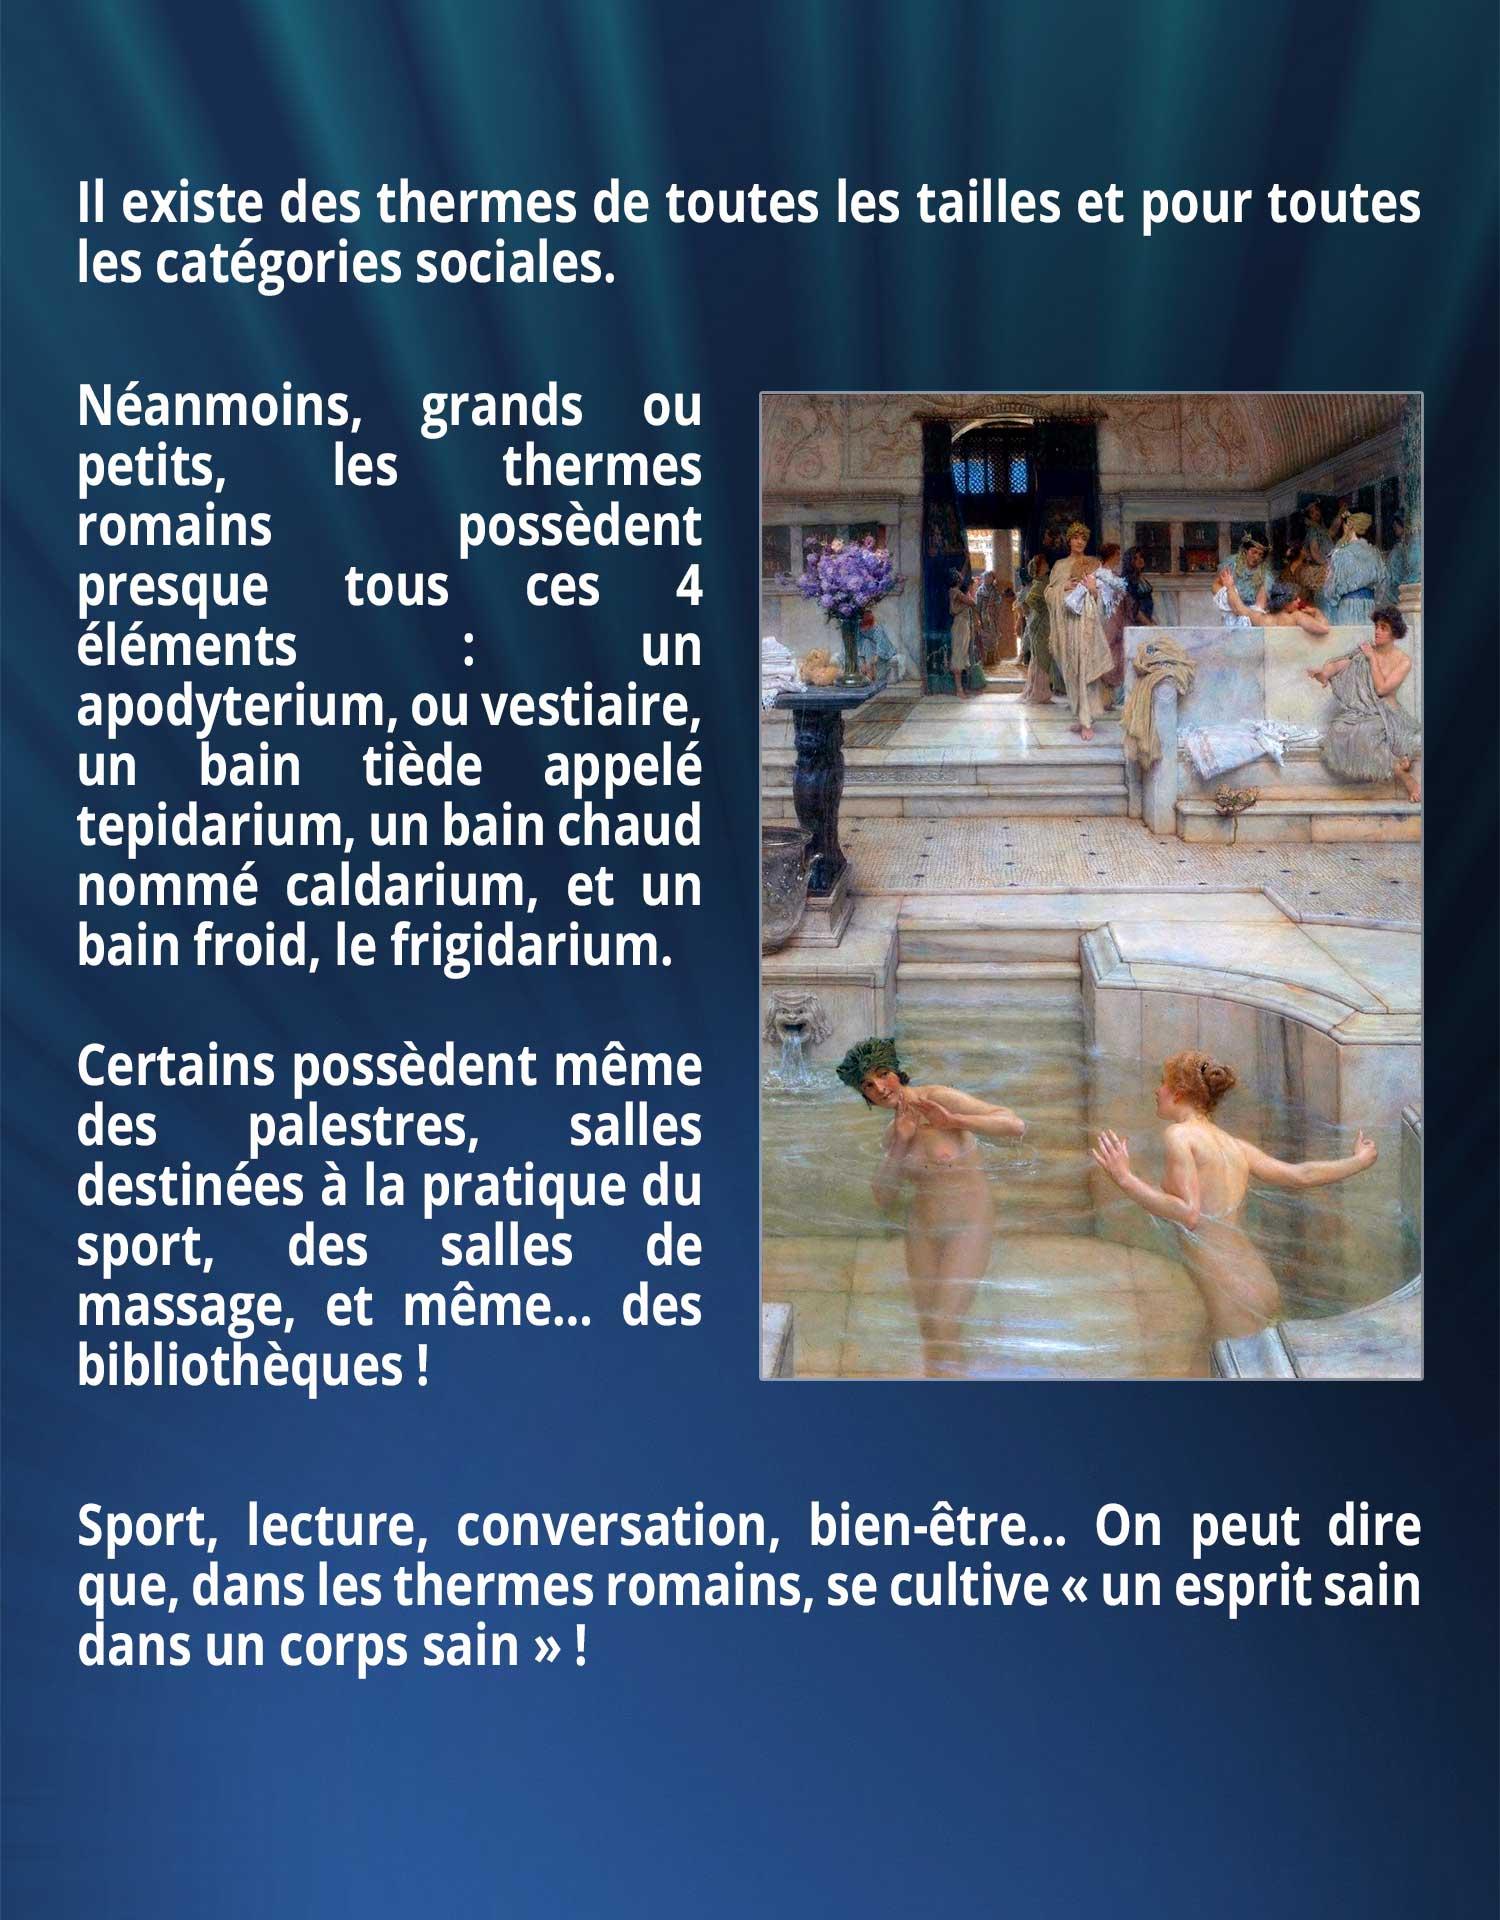 Il existe des thermes de toutes les tailles et pour toutes les catégories sociales. Néanmoins, grands ou petits, les thermes romains possèdent presque tous ces 4 éléments : un apodyterium, ou vestiaire, un bain tiède appelé tepidarium, un bain chaud nommé caldarium, et un bain froid, le frigidarium. Certains possèdent même des palestres, salles destinées à la pratique du sport, des salles de massage, et même… des bibliothèques ! Sport, lecture, conversation, bien-être... On peut dire que, dans les thermes romains, se cultive « un esprit sain dans un corps sain » !